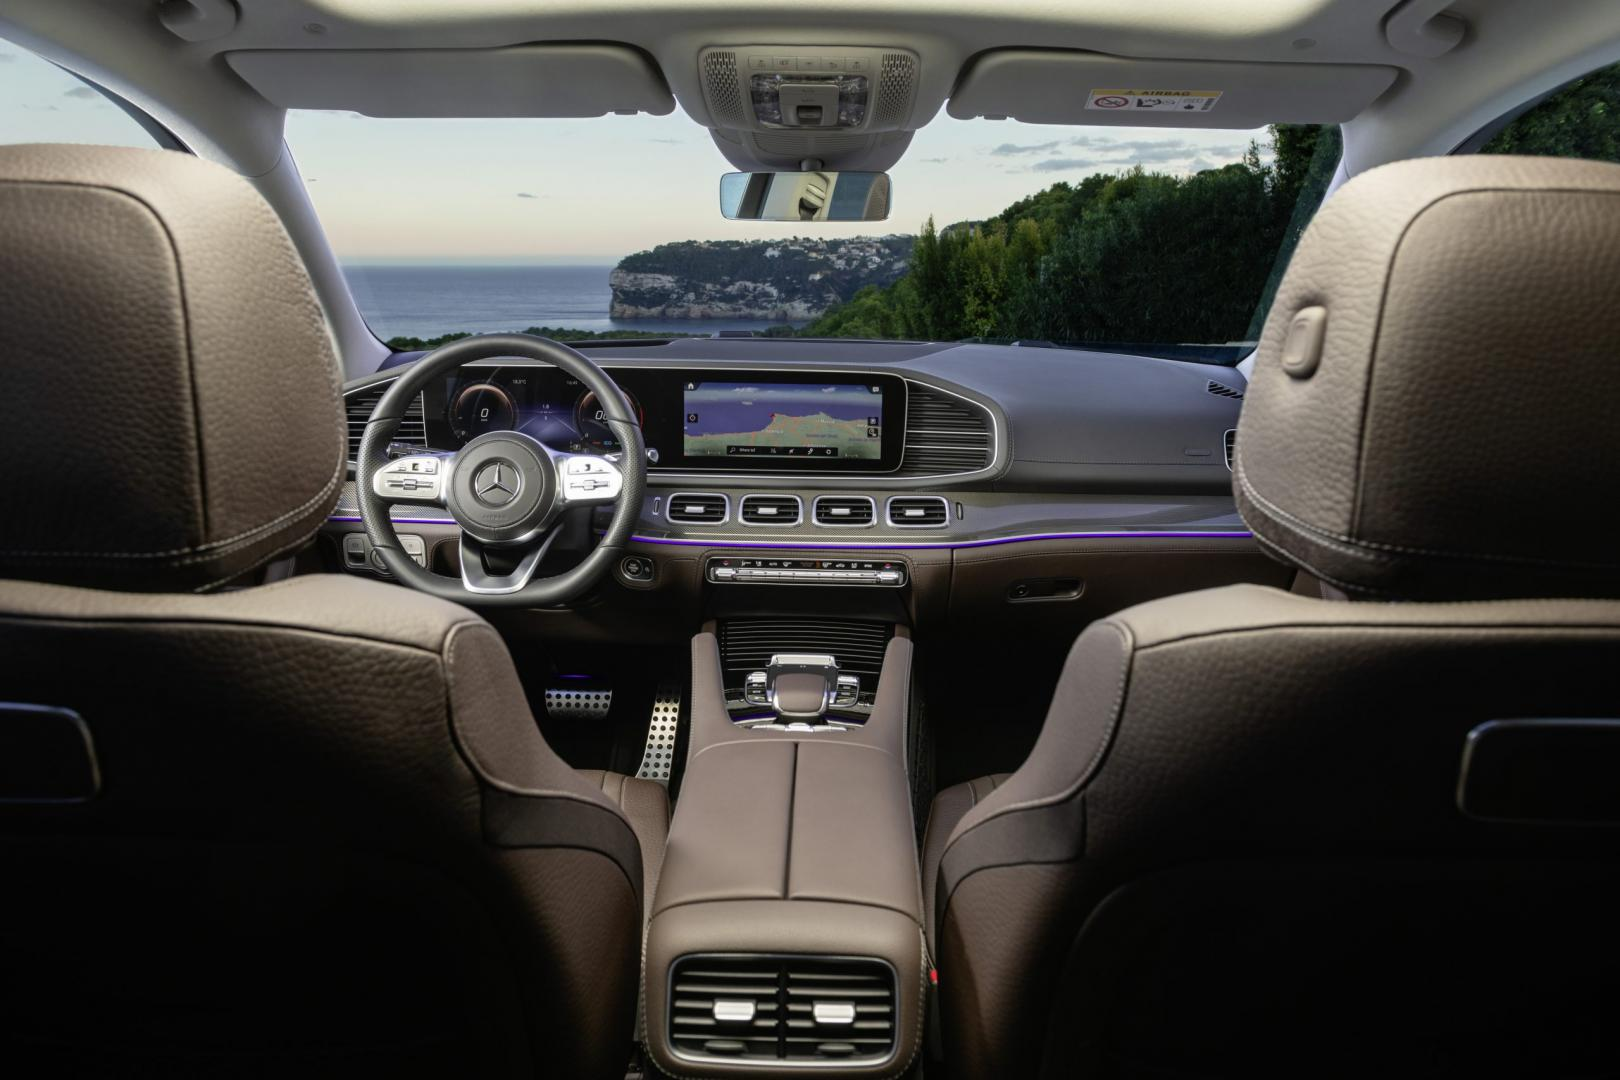 Mercedes-Benz GLS 2019 interieur espressobruin